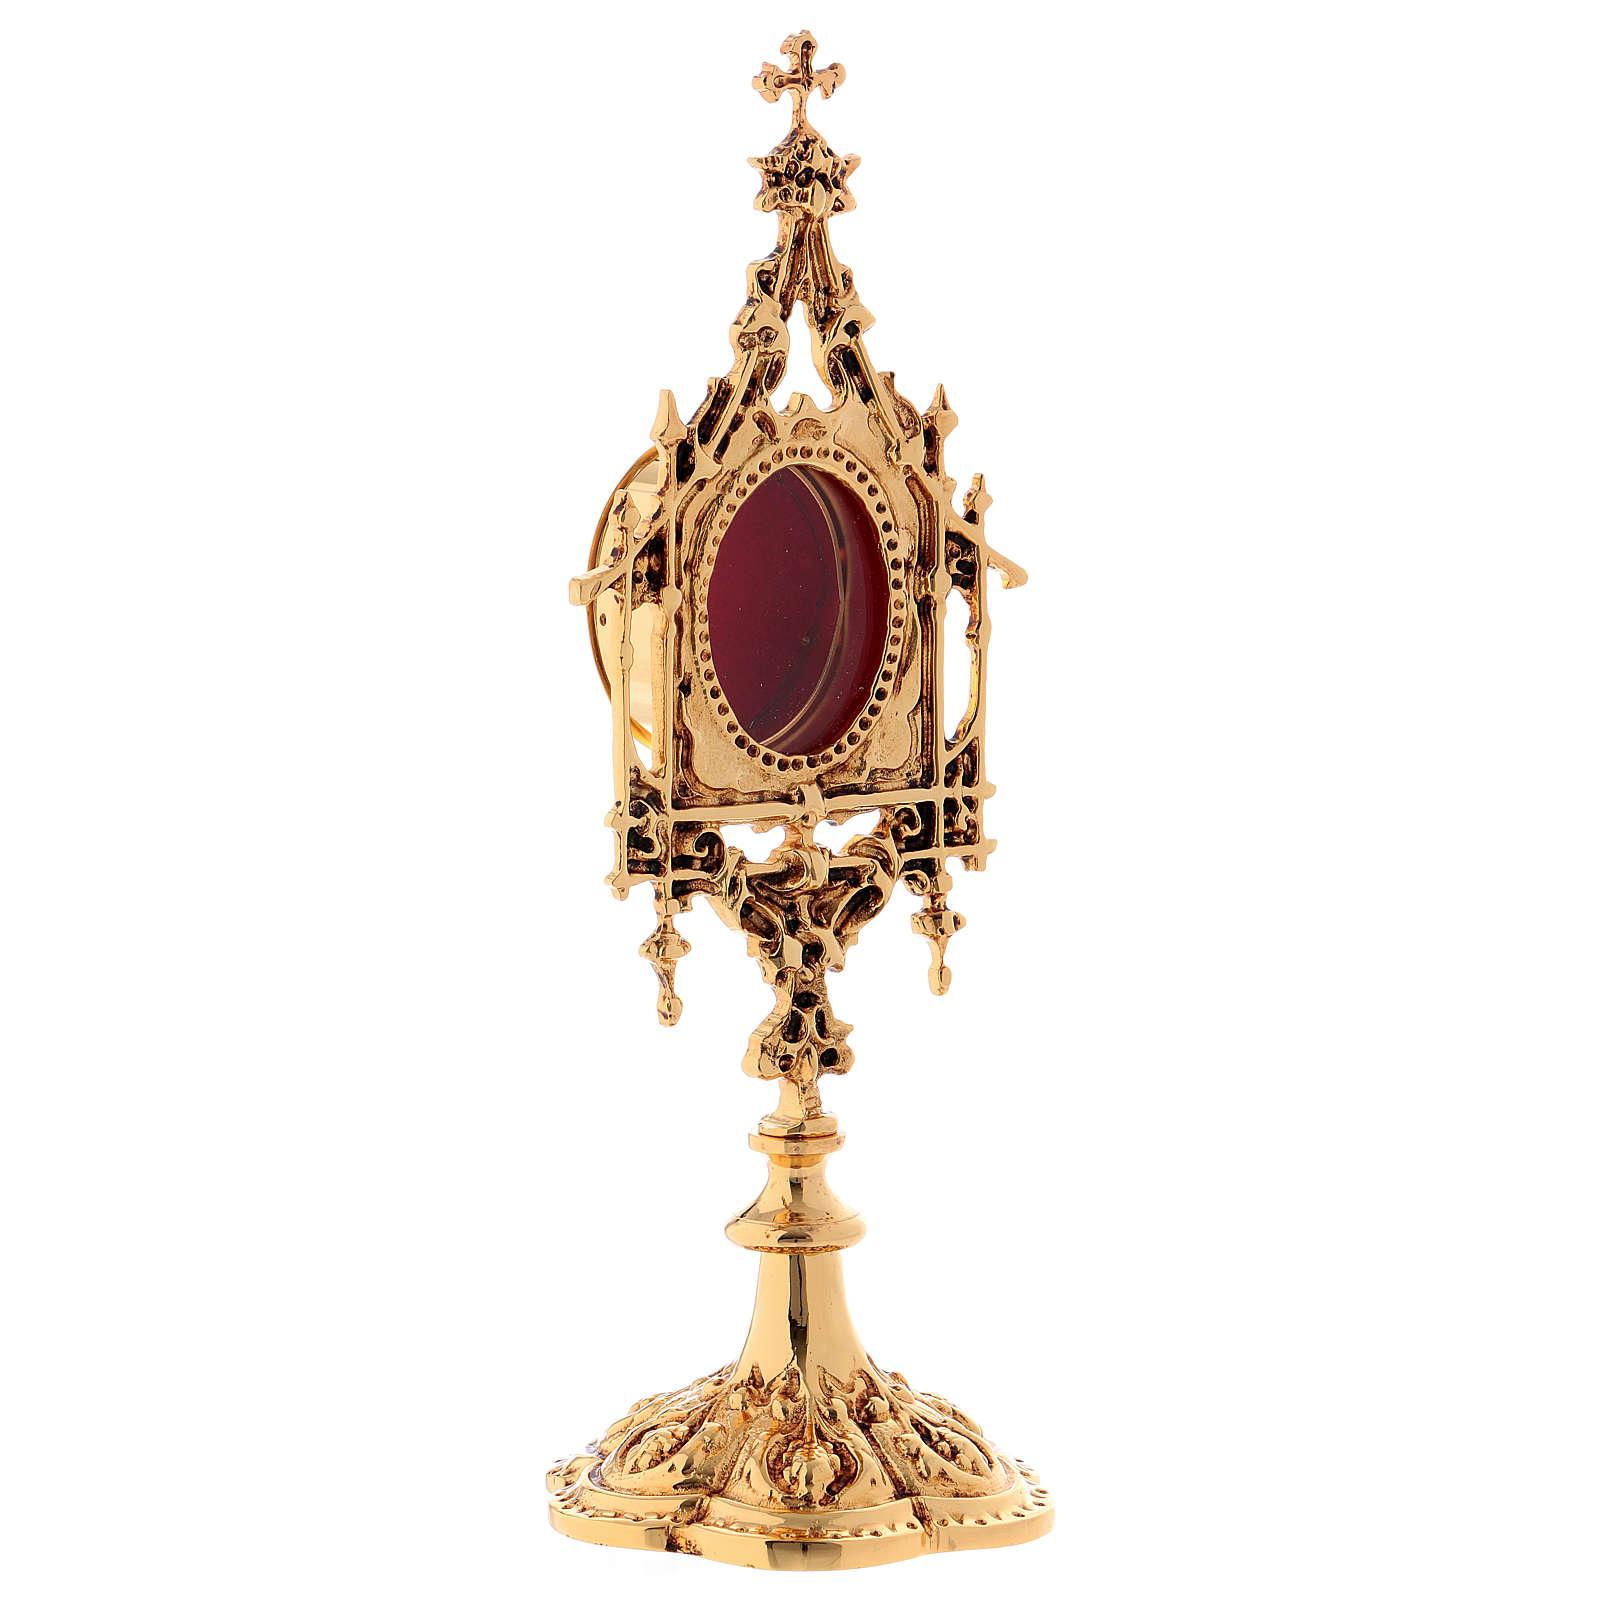 Reliquiario ottone barocco 26 cm - bagno oro 24 k 4